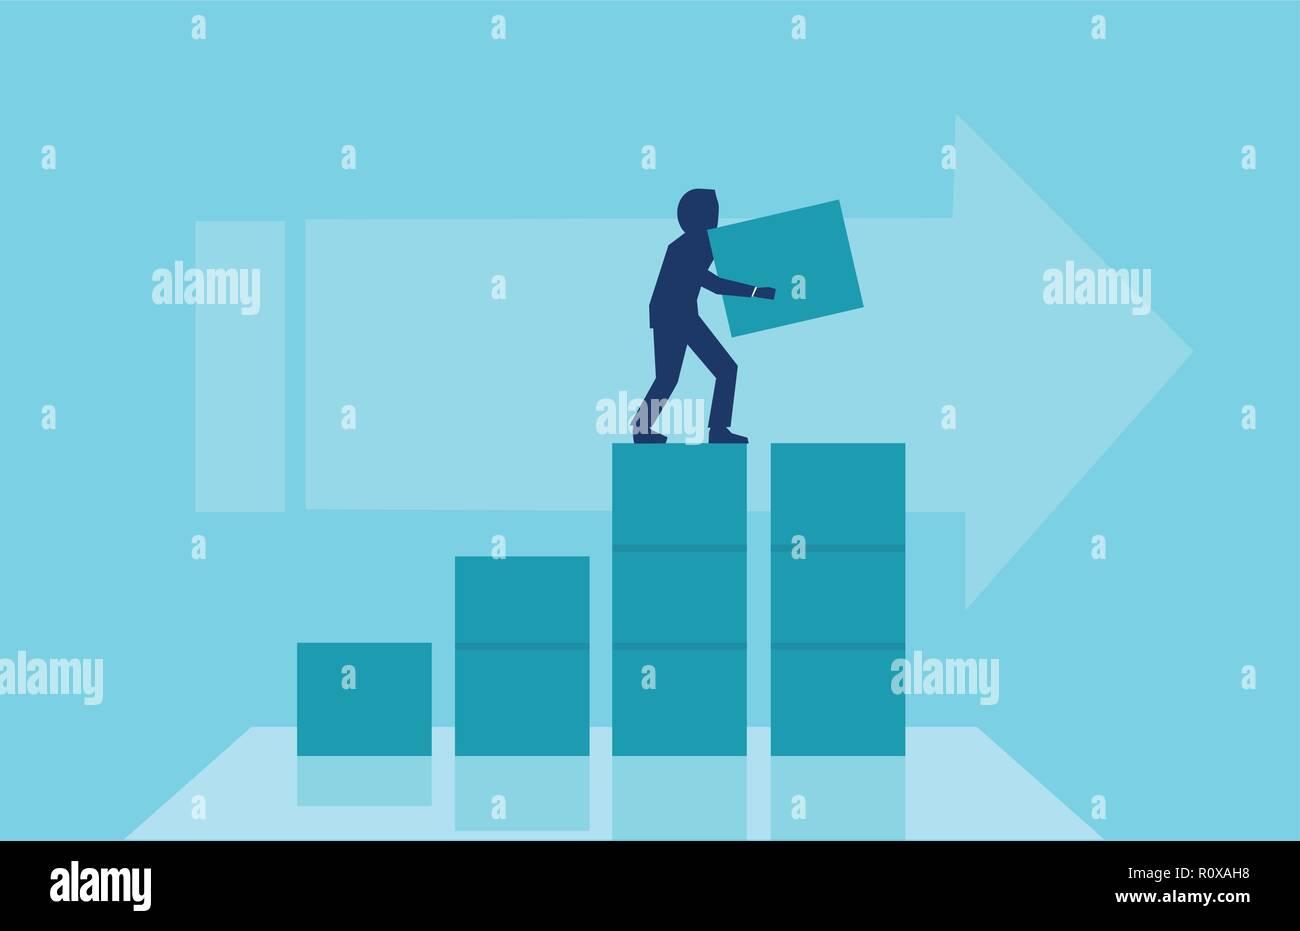 Concepto de crecimiento empresarial, el éxito. Vector de un empresario construyendo pasos para su carrera corporativa. Imagen De Stock